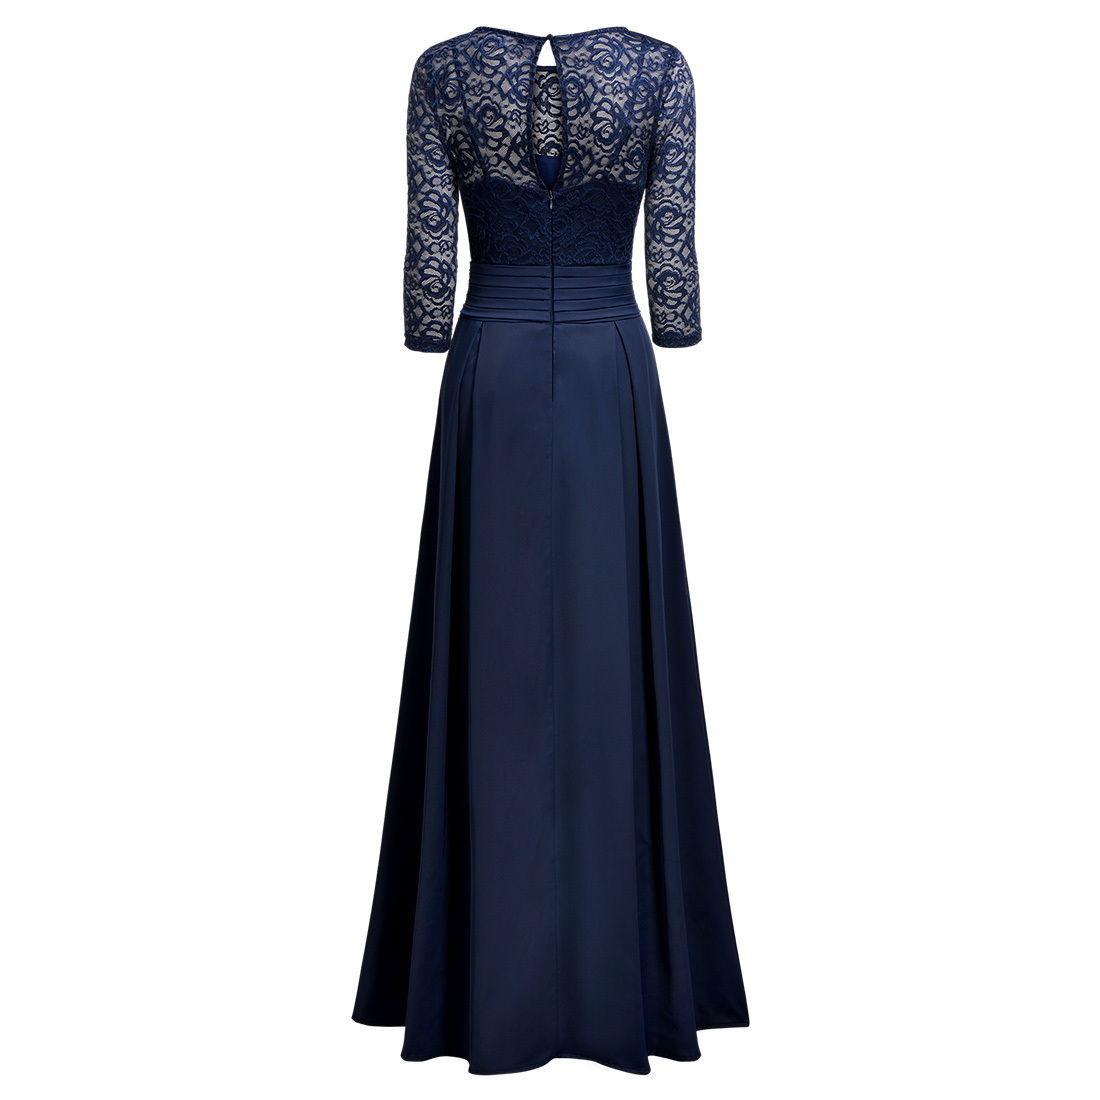 Erstaunlich Abendkleid 44 Lang Bester Preis13 Schön Abendkleid 44 Lang Design